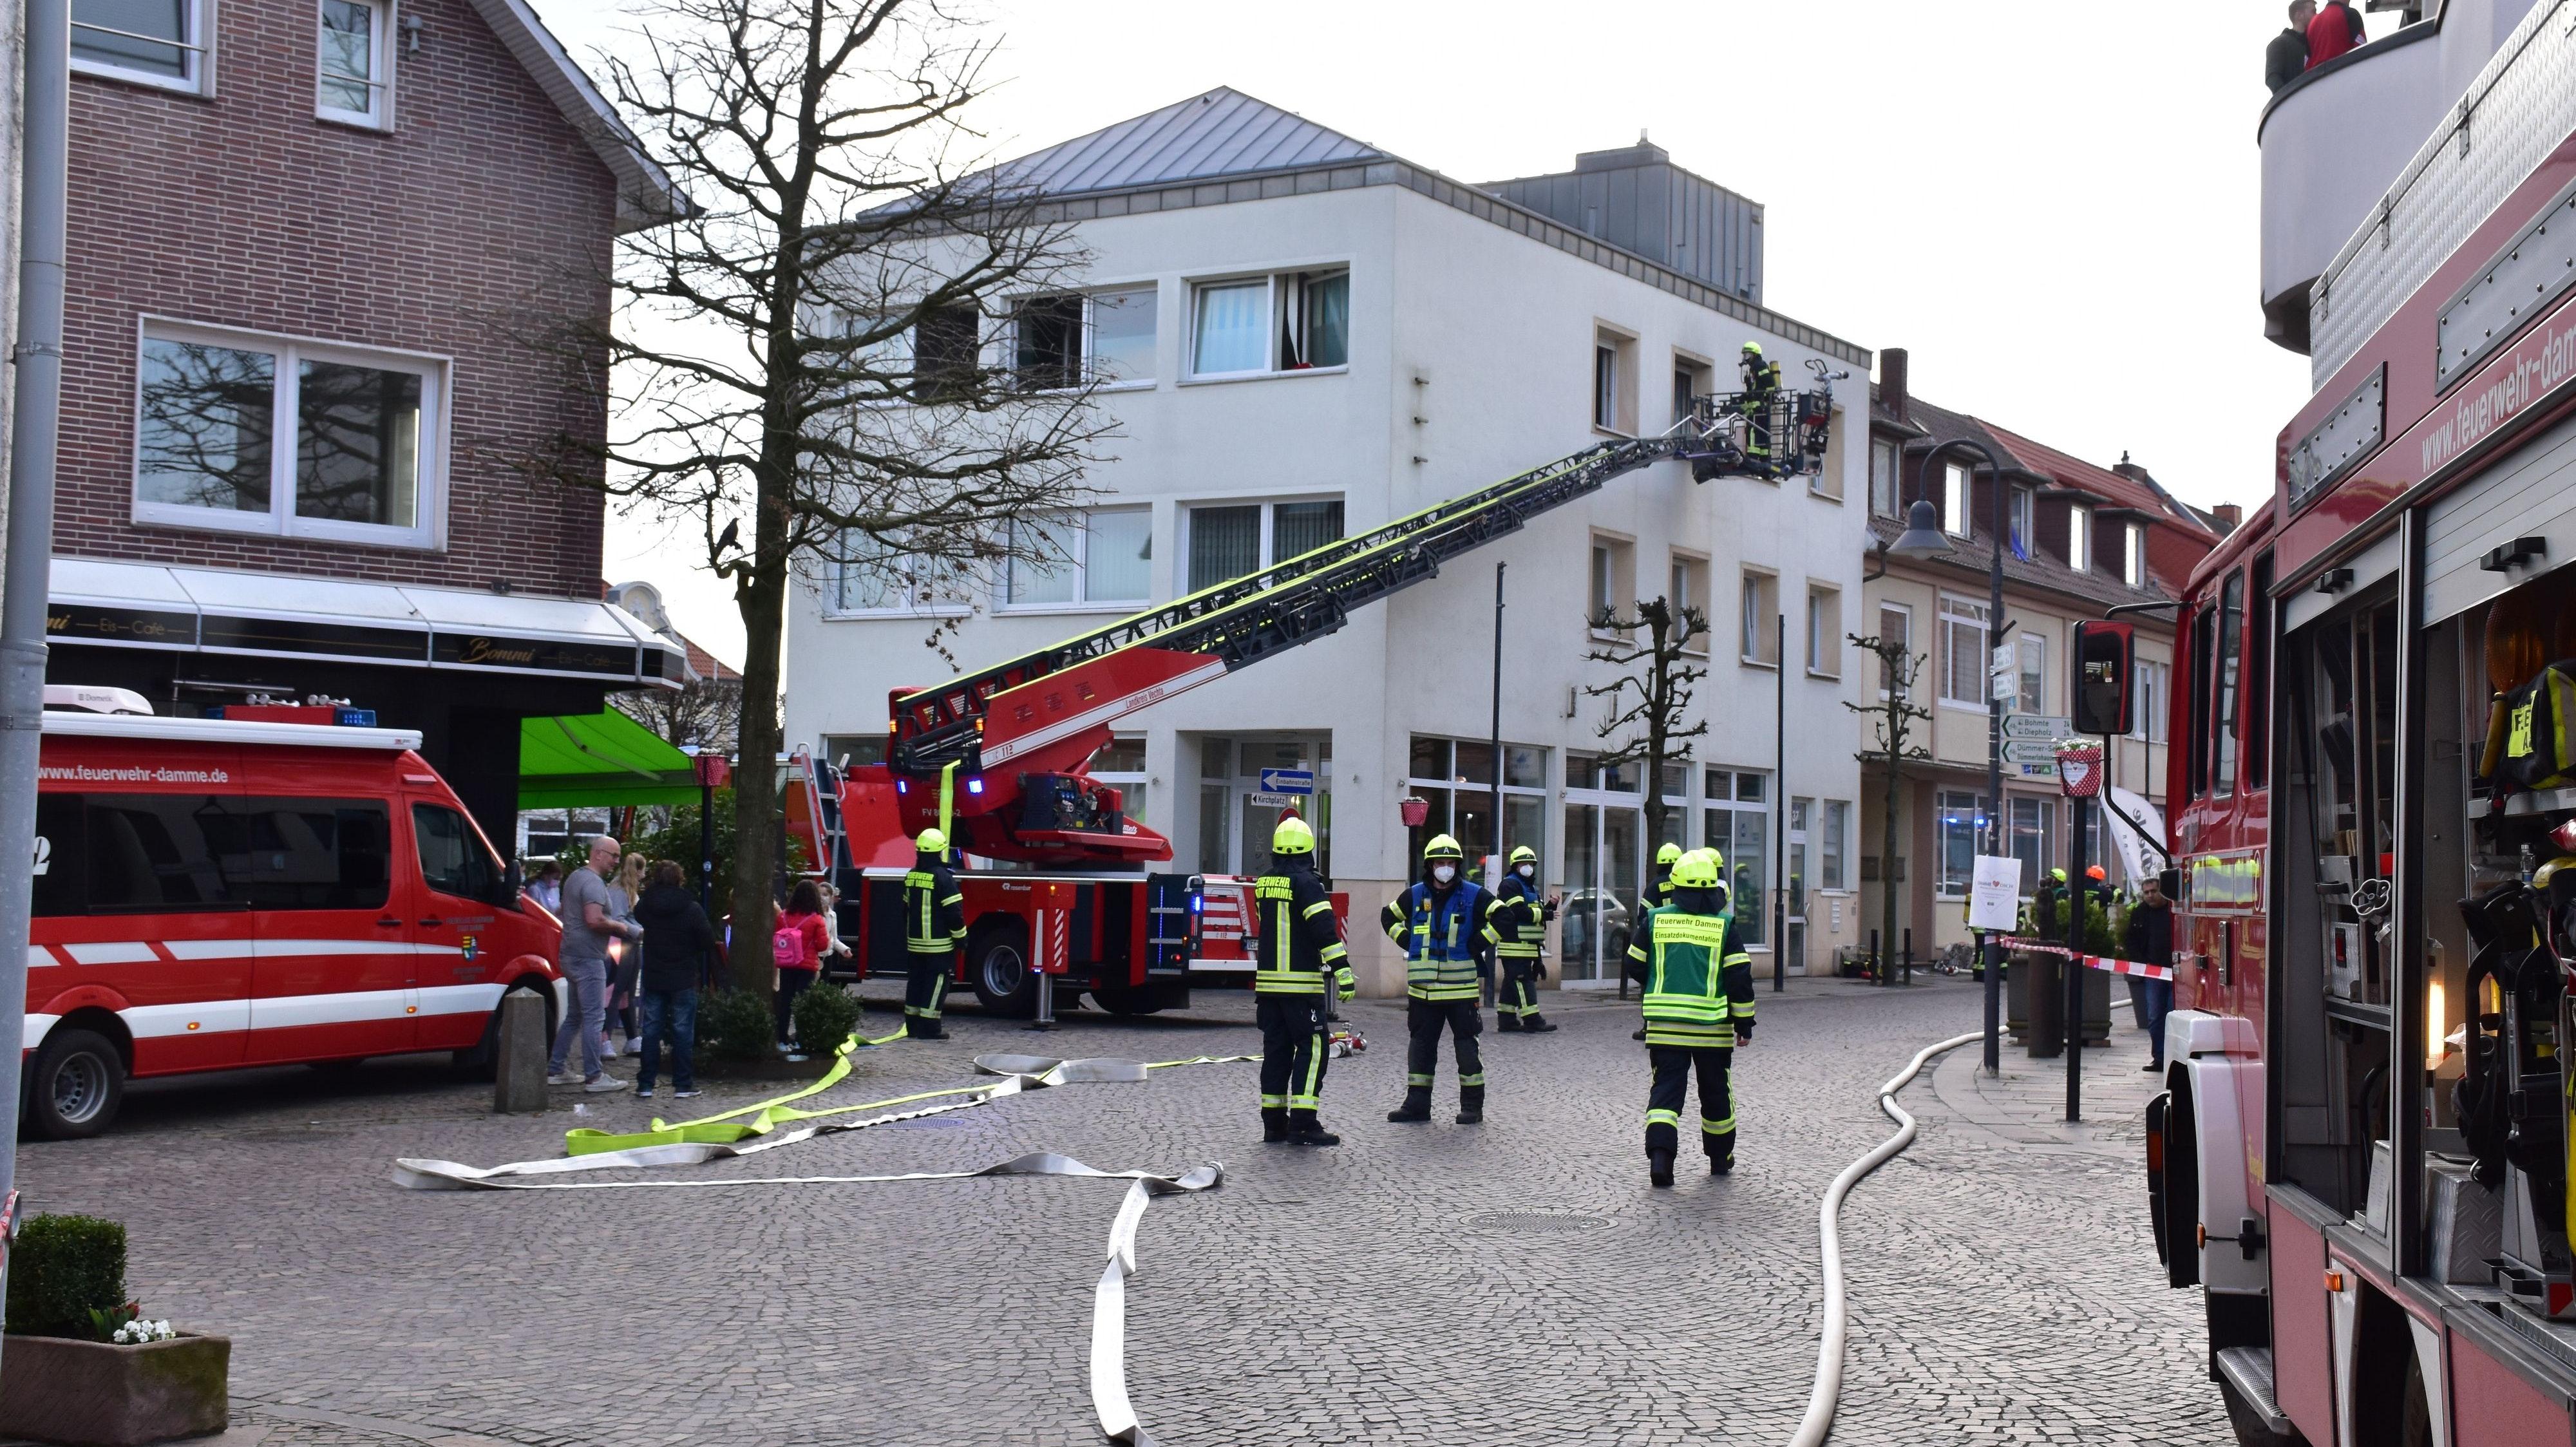 Feuerwehr gefordert: Aus einer Wohnung eines eines Wohn- und Geschäftshauses in damme war am Freitag gegen 15.15 Uhr Rauch aus den Fenstern ausgetreten. Foto: Lammert